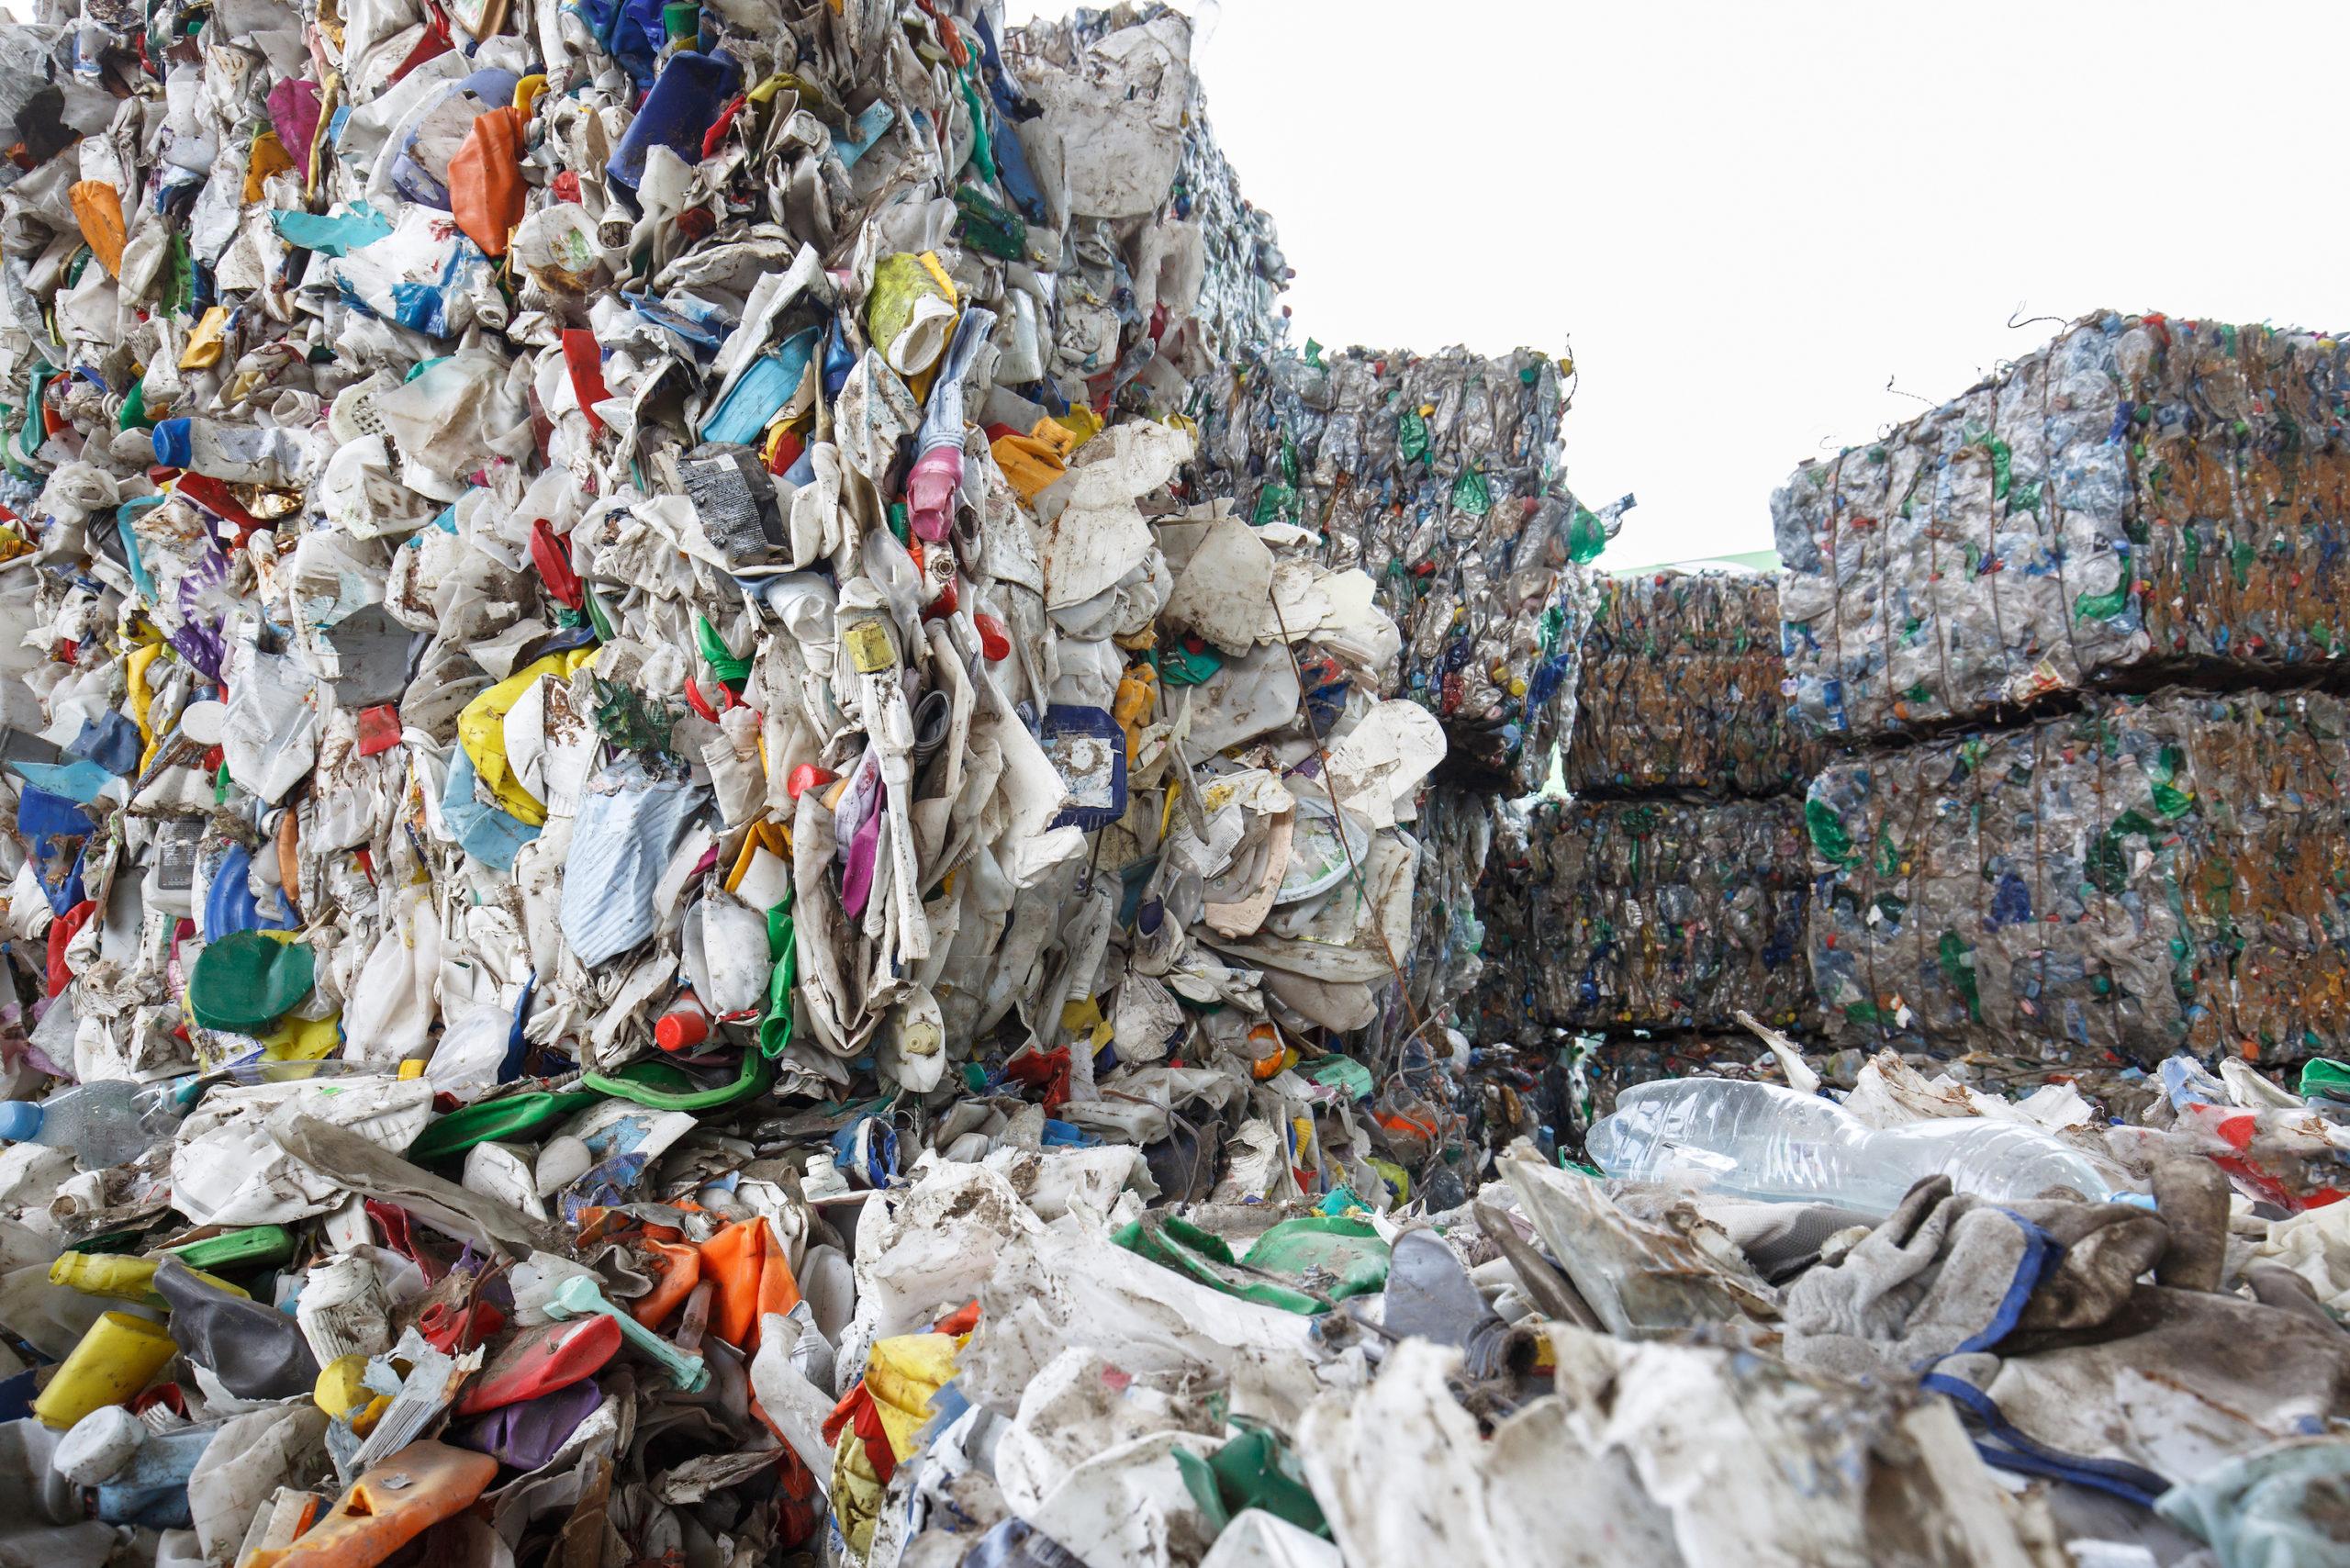 Hoe verwijdert u afval uit de gezondheidszorg?